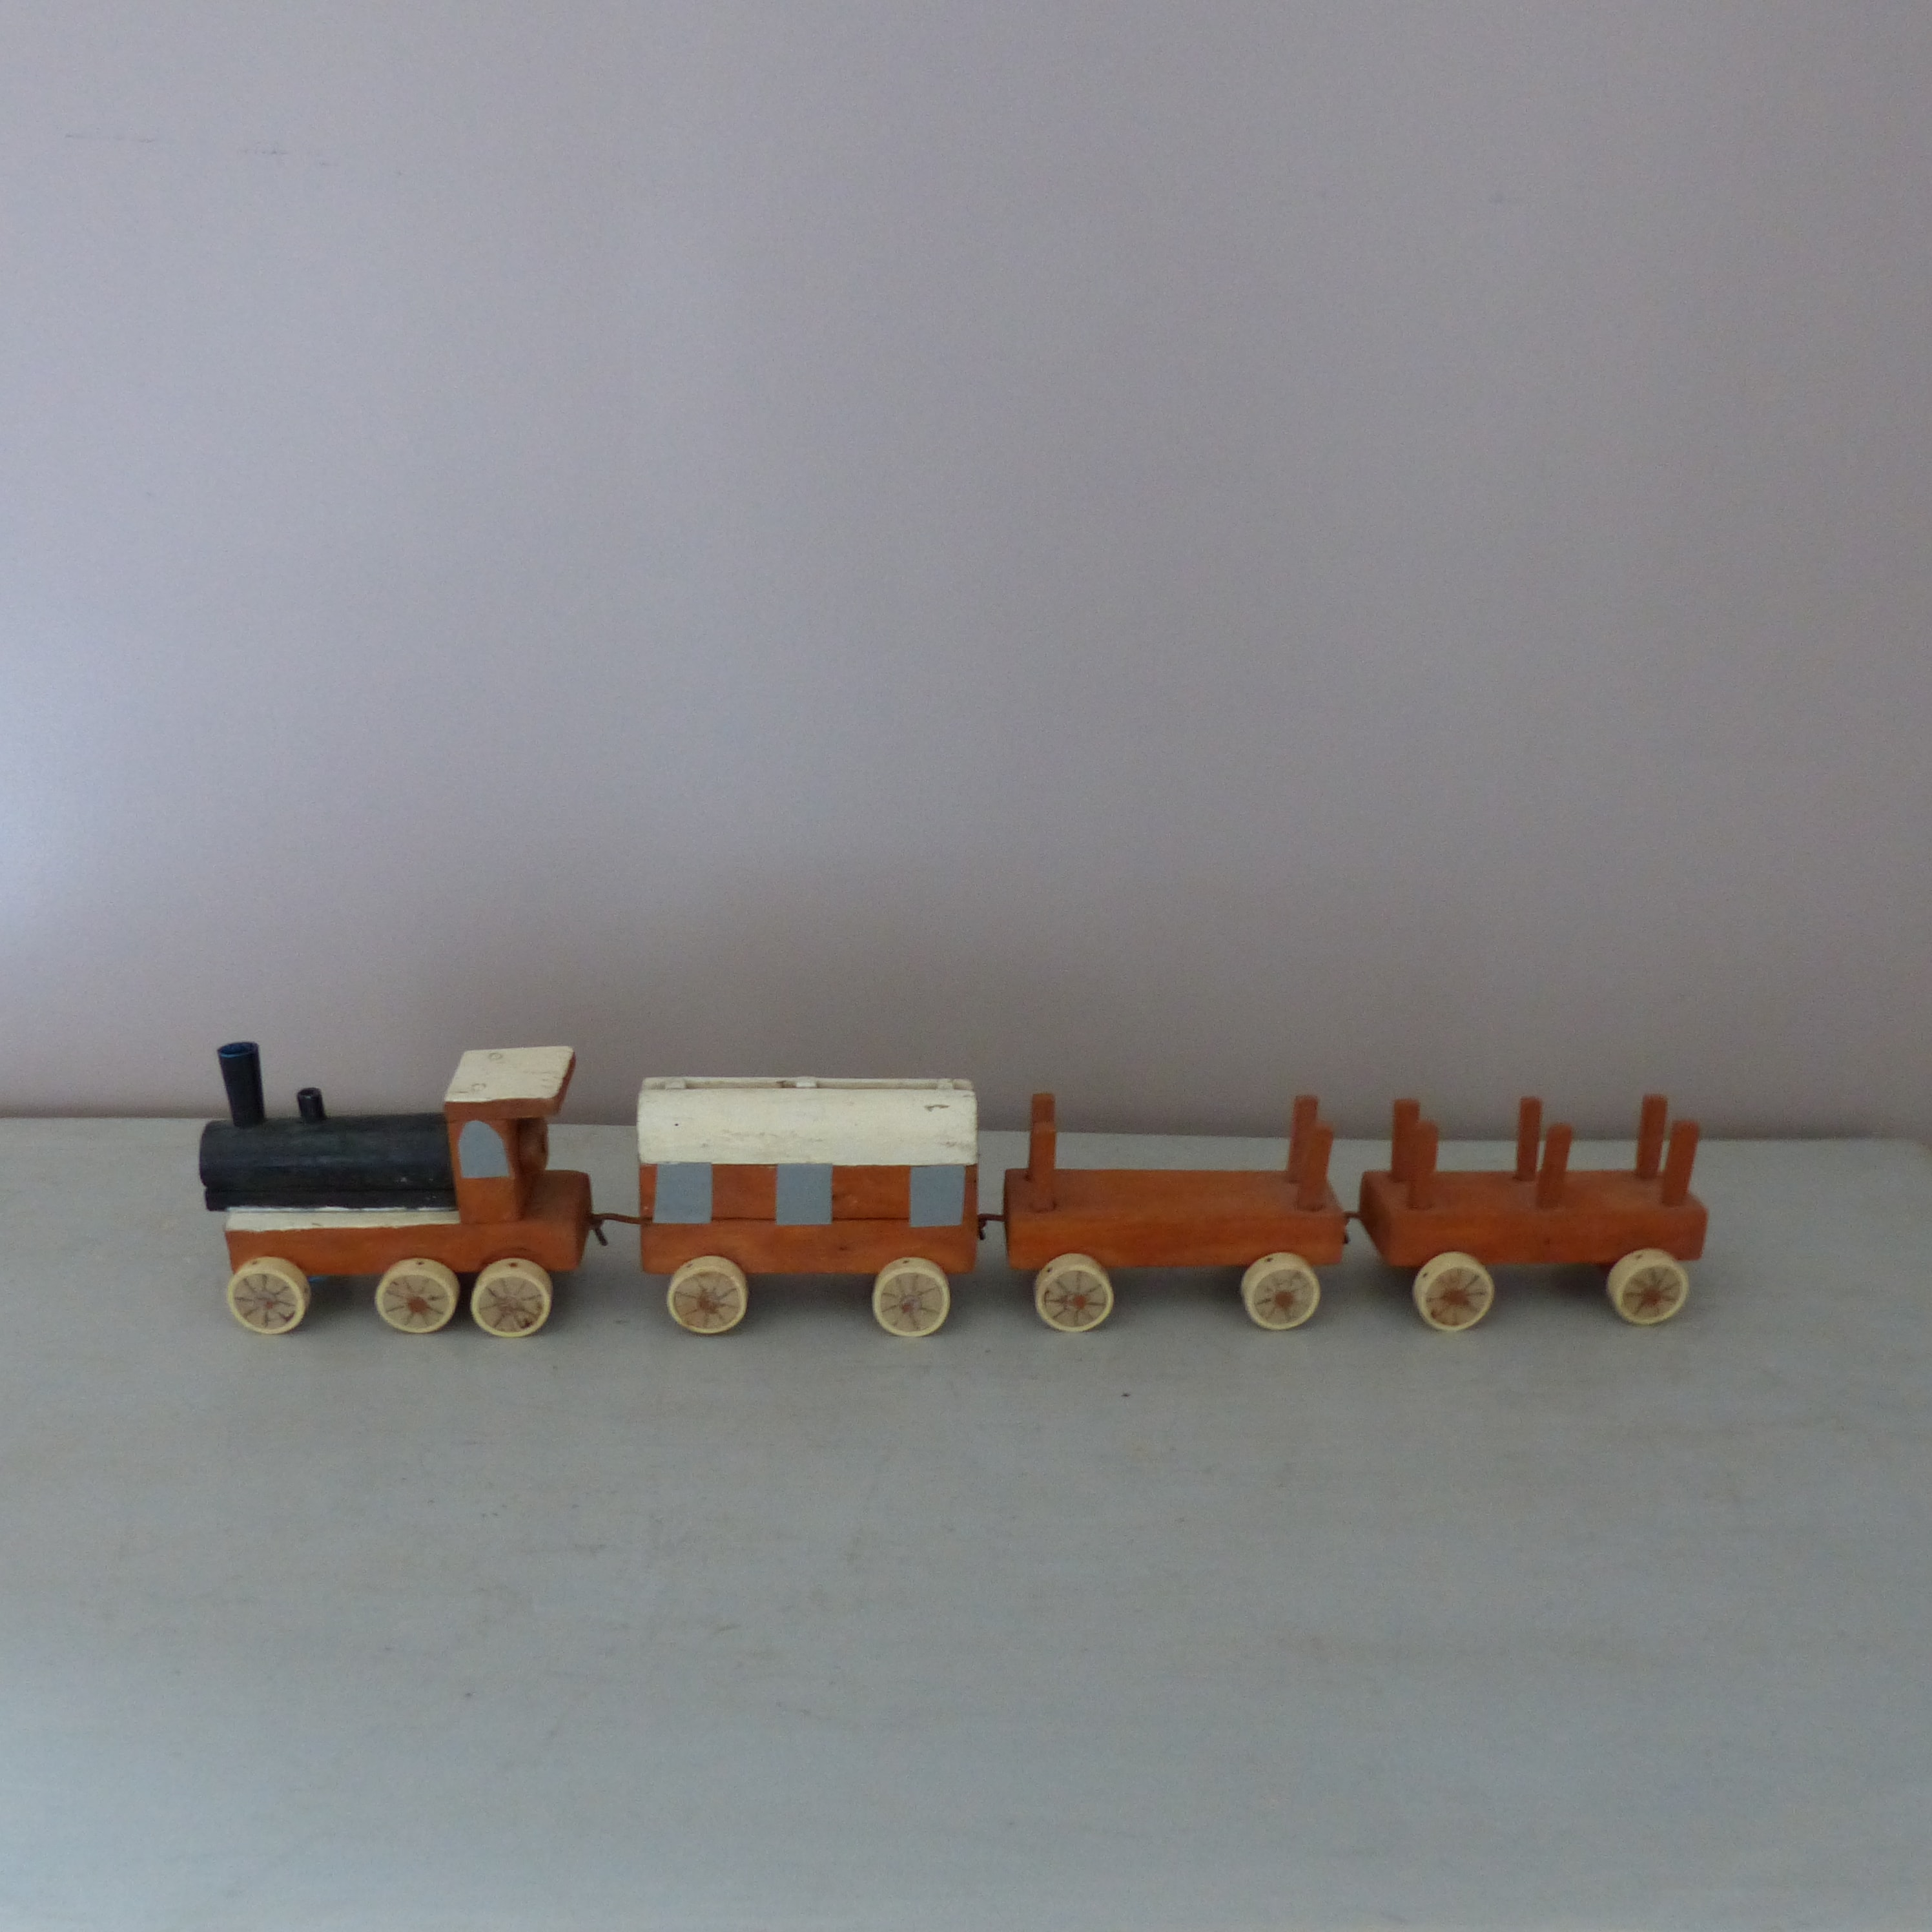 Petit train en bois  jouet pour enfant  lignedebrocante brocante en  ~ Train En Bois Enfant